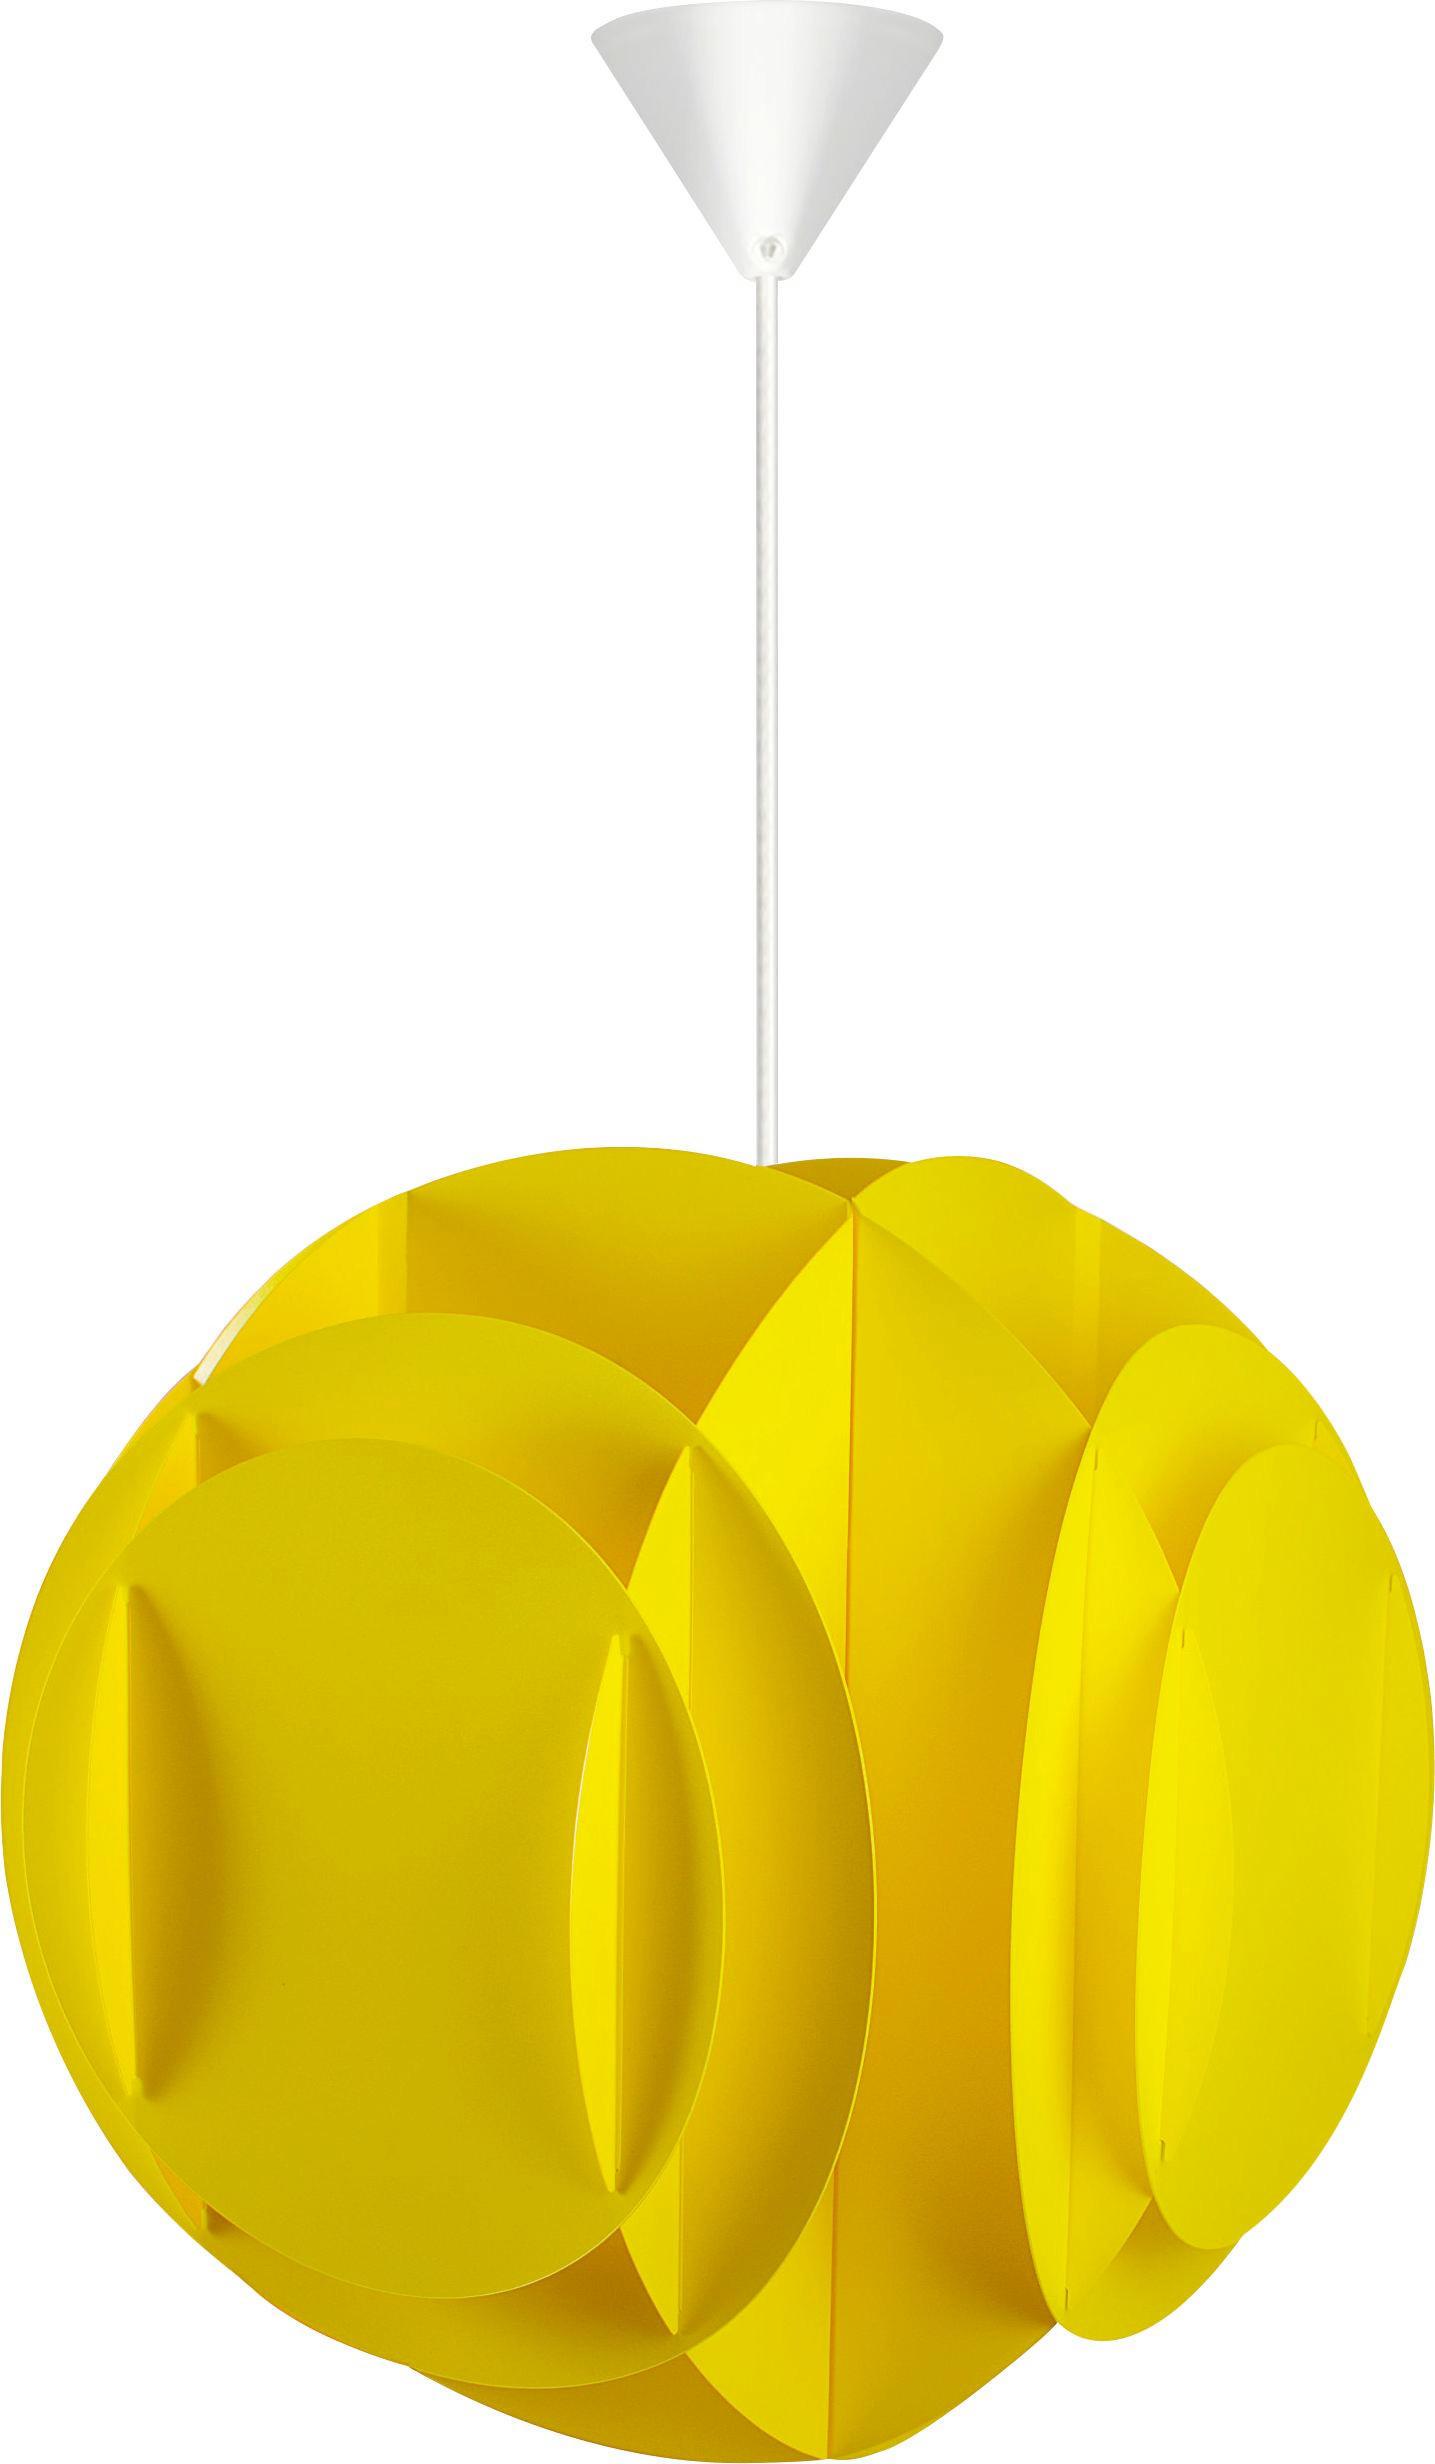 SVÍTIDLO ZÁVĚSNÉ - žlutá, Moderní, textil/umělá hmota (36/216cm) - BOXXX